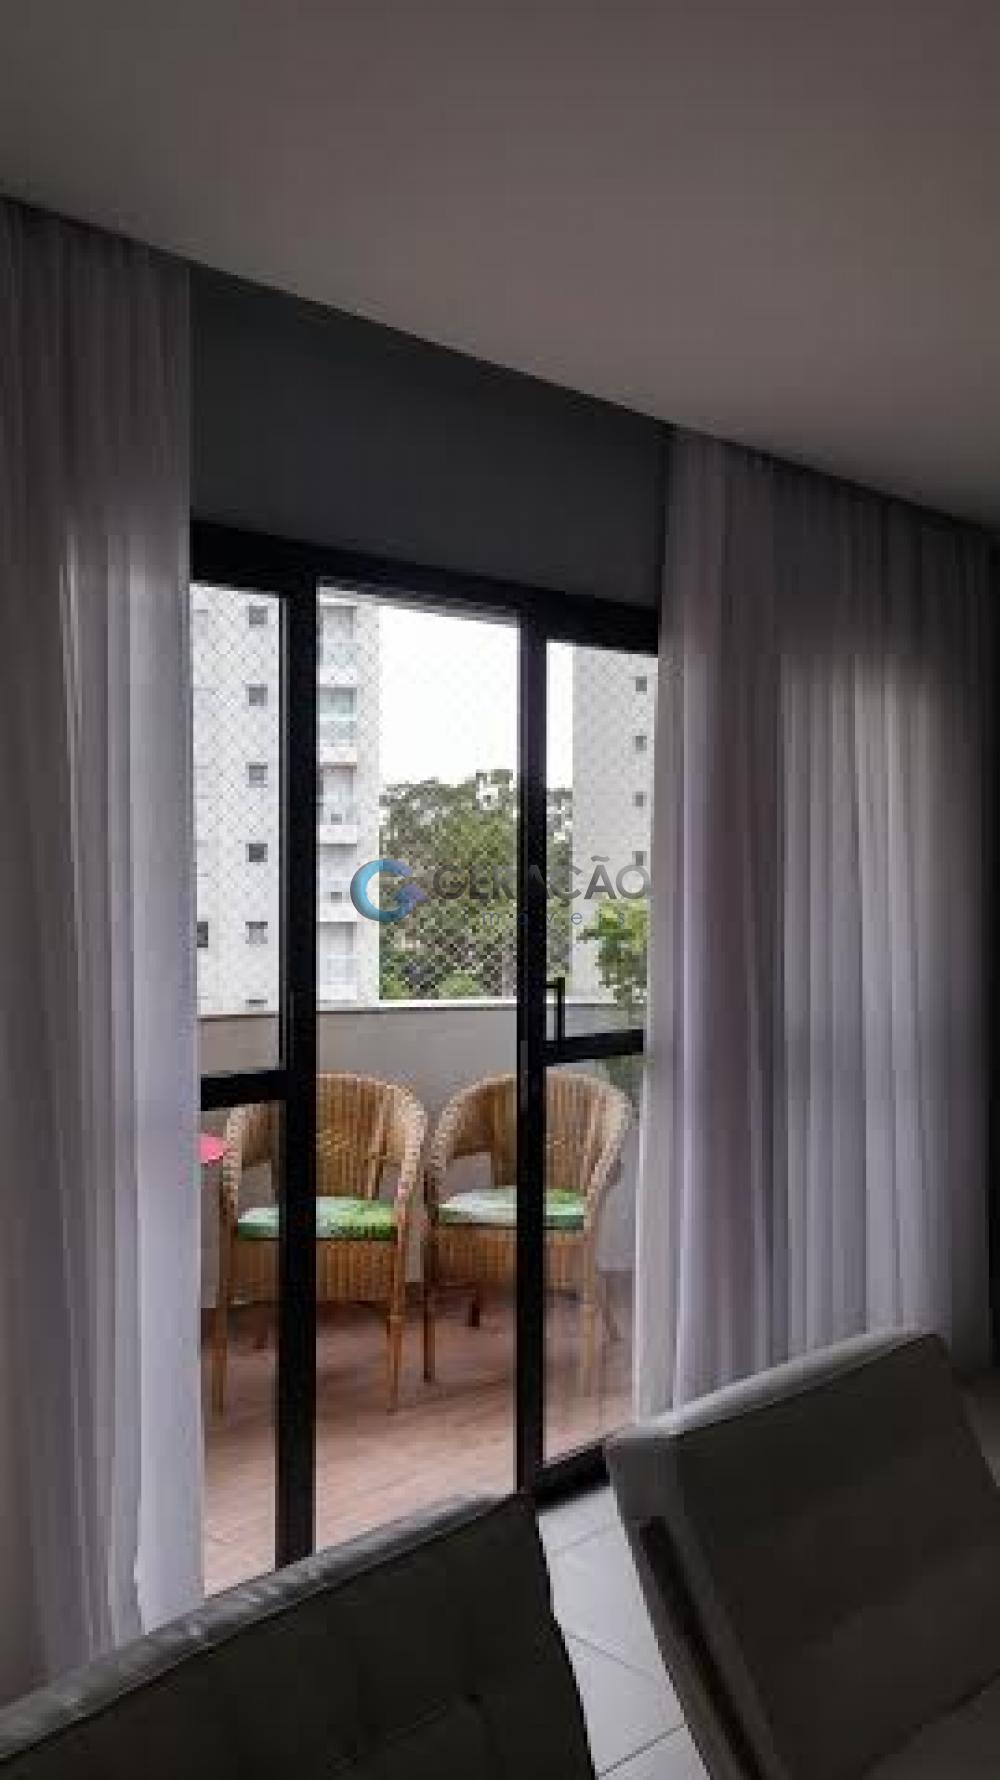 Comprar Apartamento / Padrão em São José dos Campos apenas R$ 730.000,00 - Foto 1